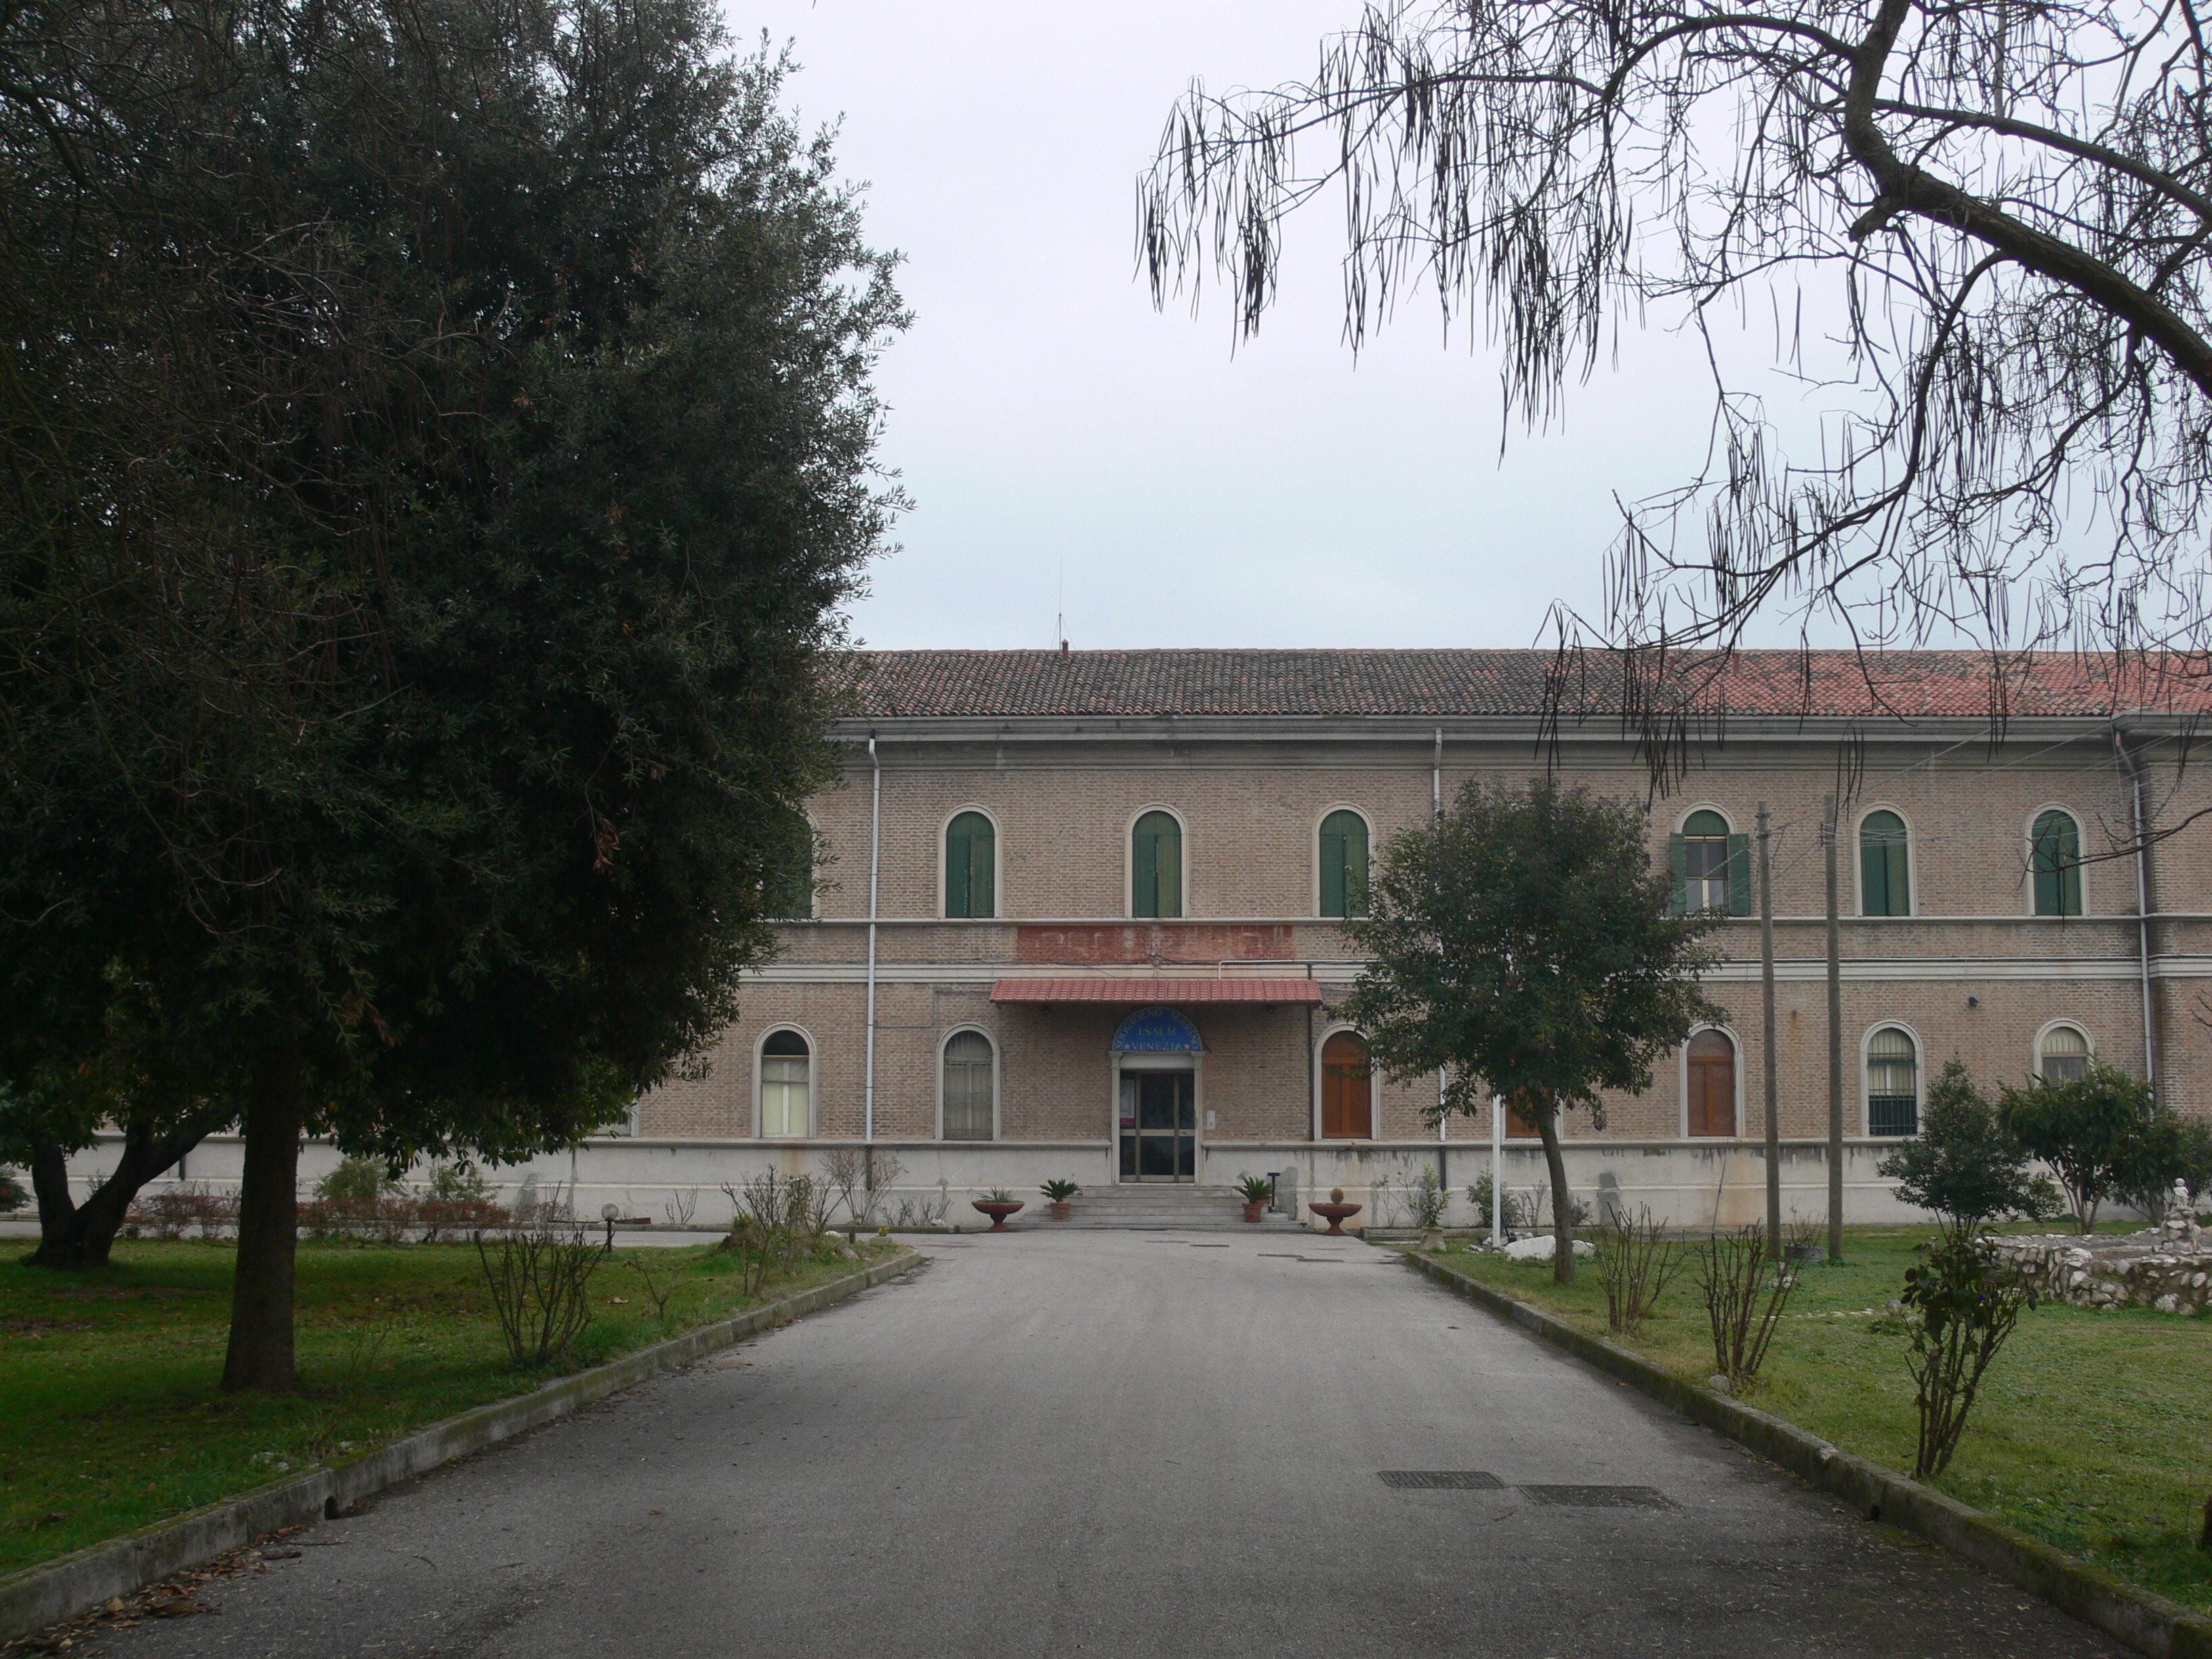 soggiorno militare bardonecchia - 28 images - beautiful soggiorno ...